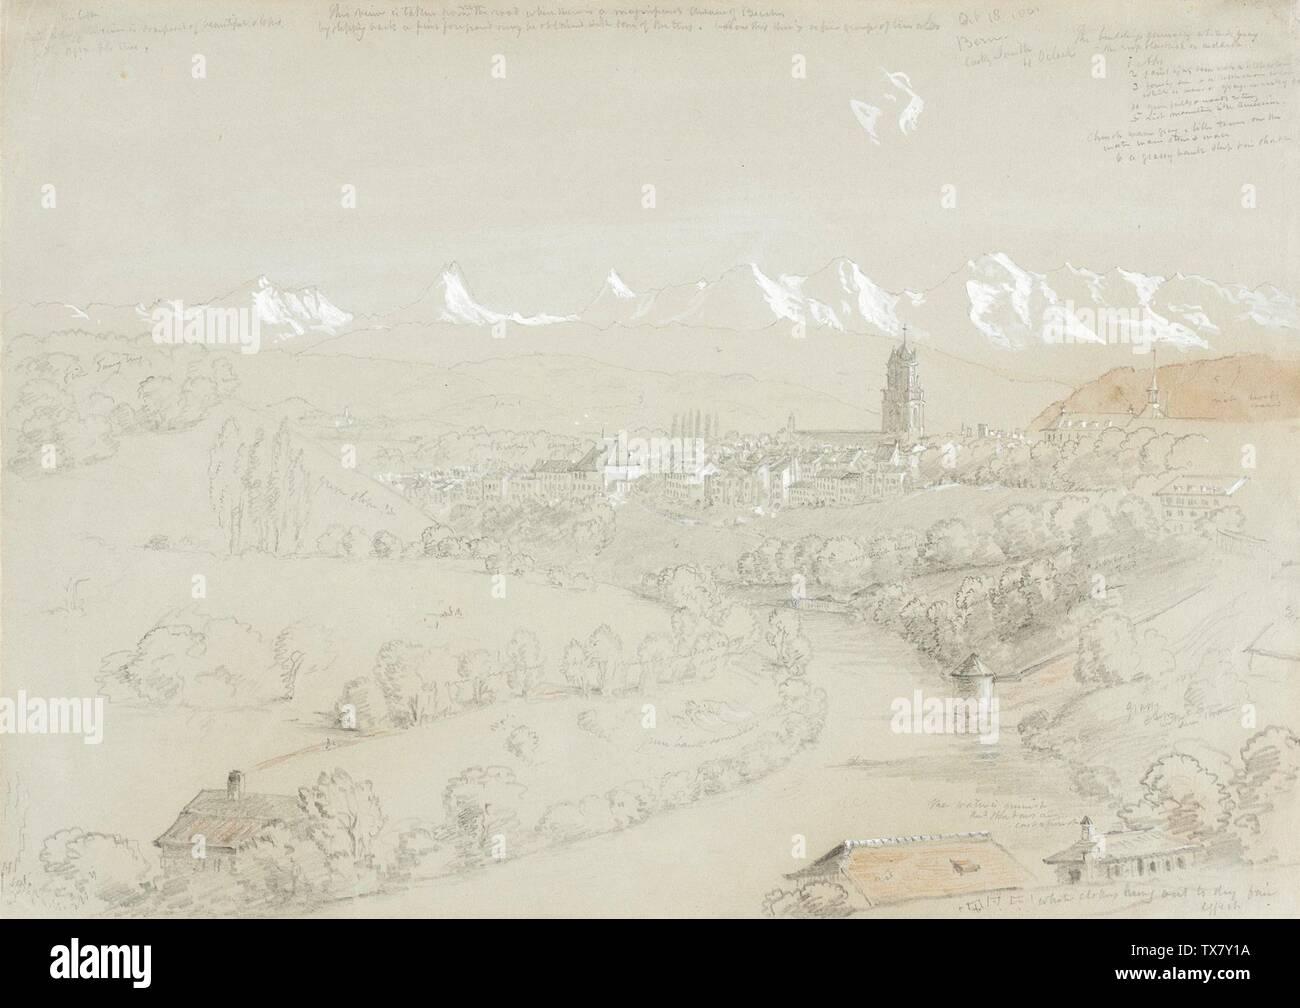 'Paysage avec vue de Berne; Anglais: United States, Octobre 18, 1841 Dessins Crayon et gouache blanche avec des touches de craie rouge sur une feuille de papier gris-vert: 10 1/2 x 14 1/2 in. (26,67 x 36,83 cm) don anonyme en mémoire de Margaret Badenoch Conkling (Mme. P. Roscoe Conkling) (M.73.137.1) Estampes et dessins; 1841QS date:P571,+1841-00-00T00:00:00Z/9; ' Photo Stock